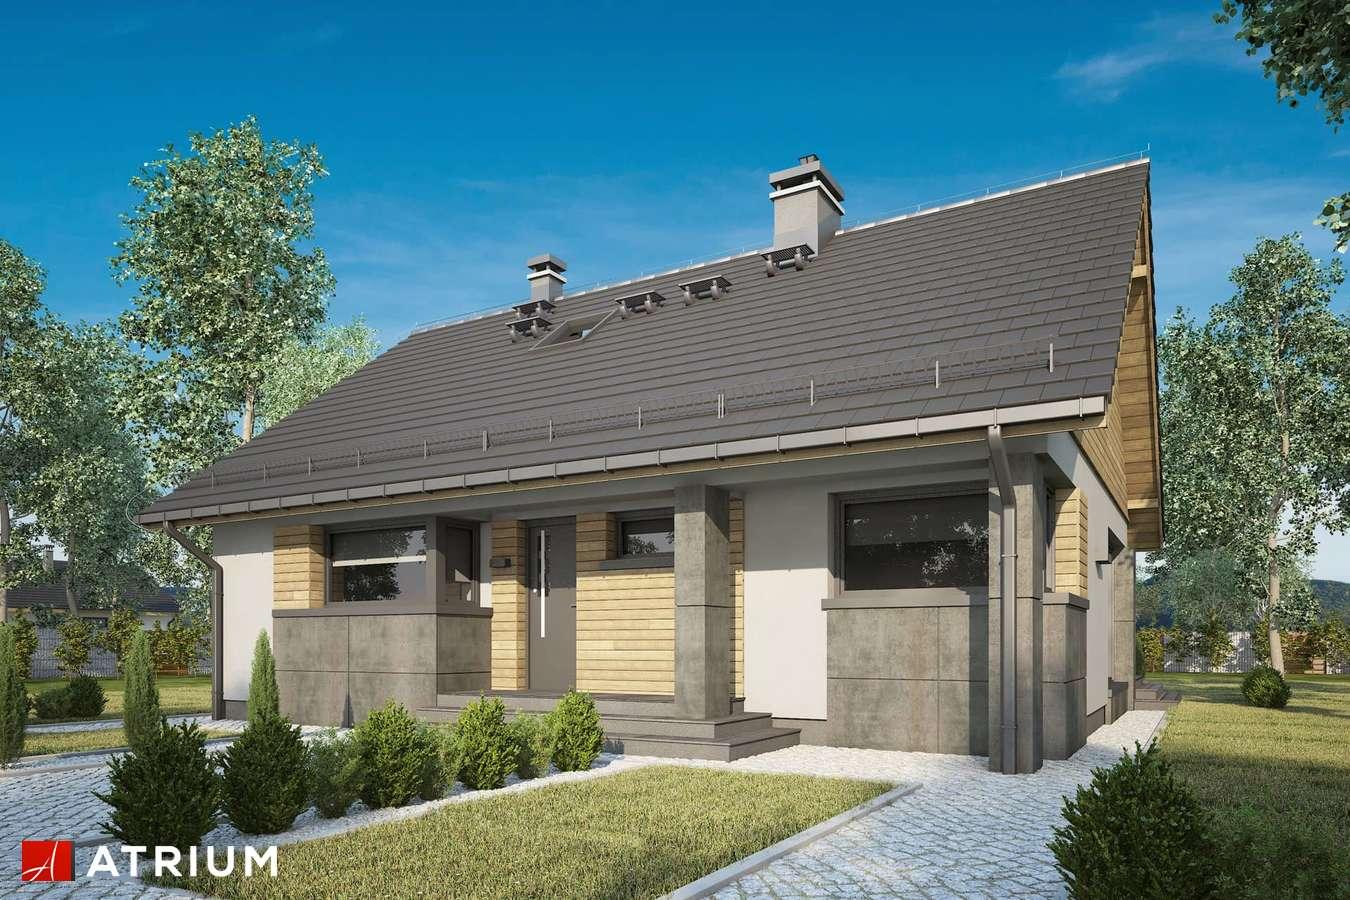 Projekty domów - Projekt domu z poddaszem RICARDO LIFT IV - wizualizacja 2